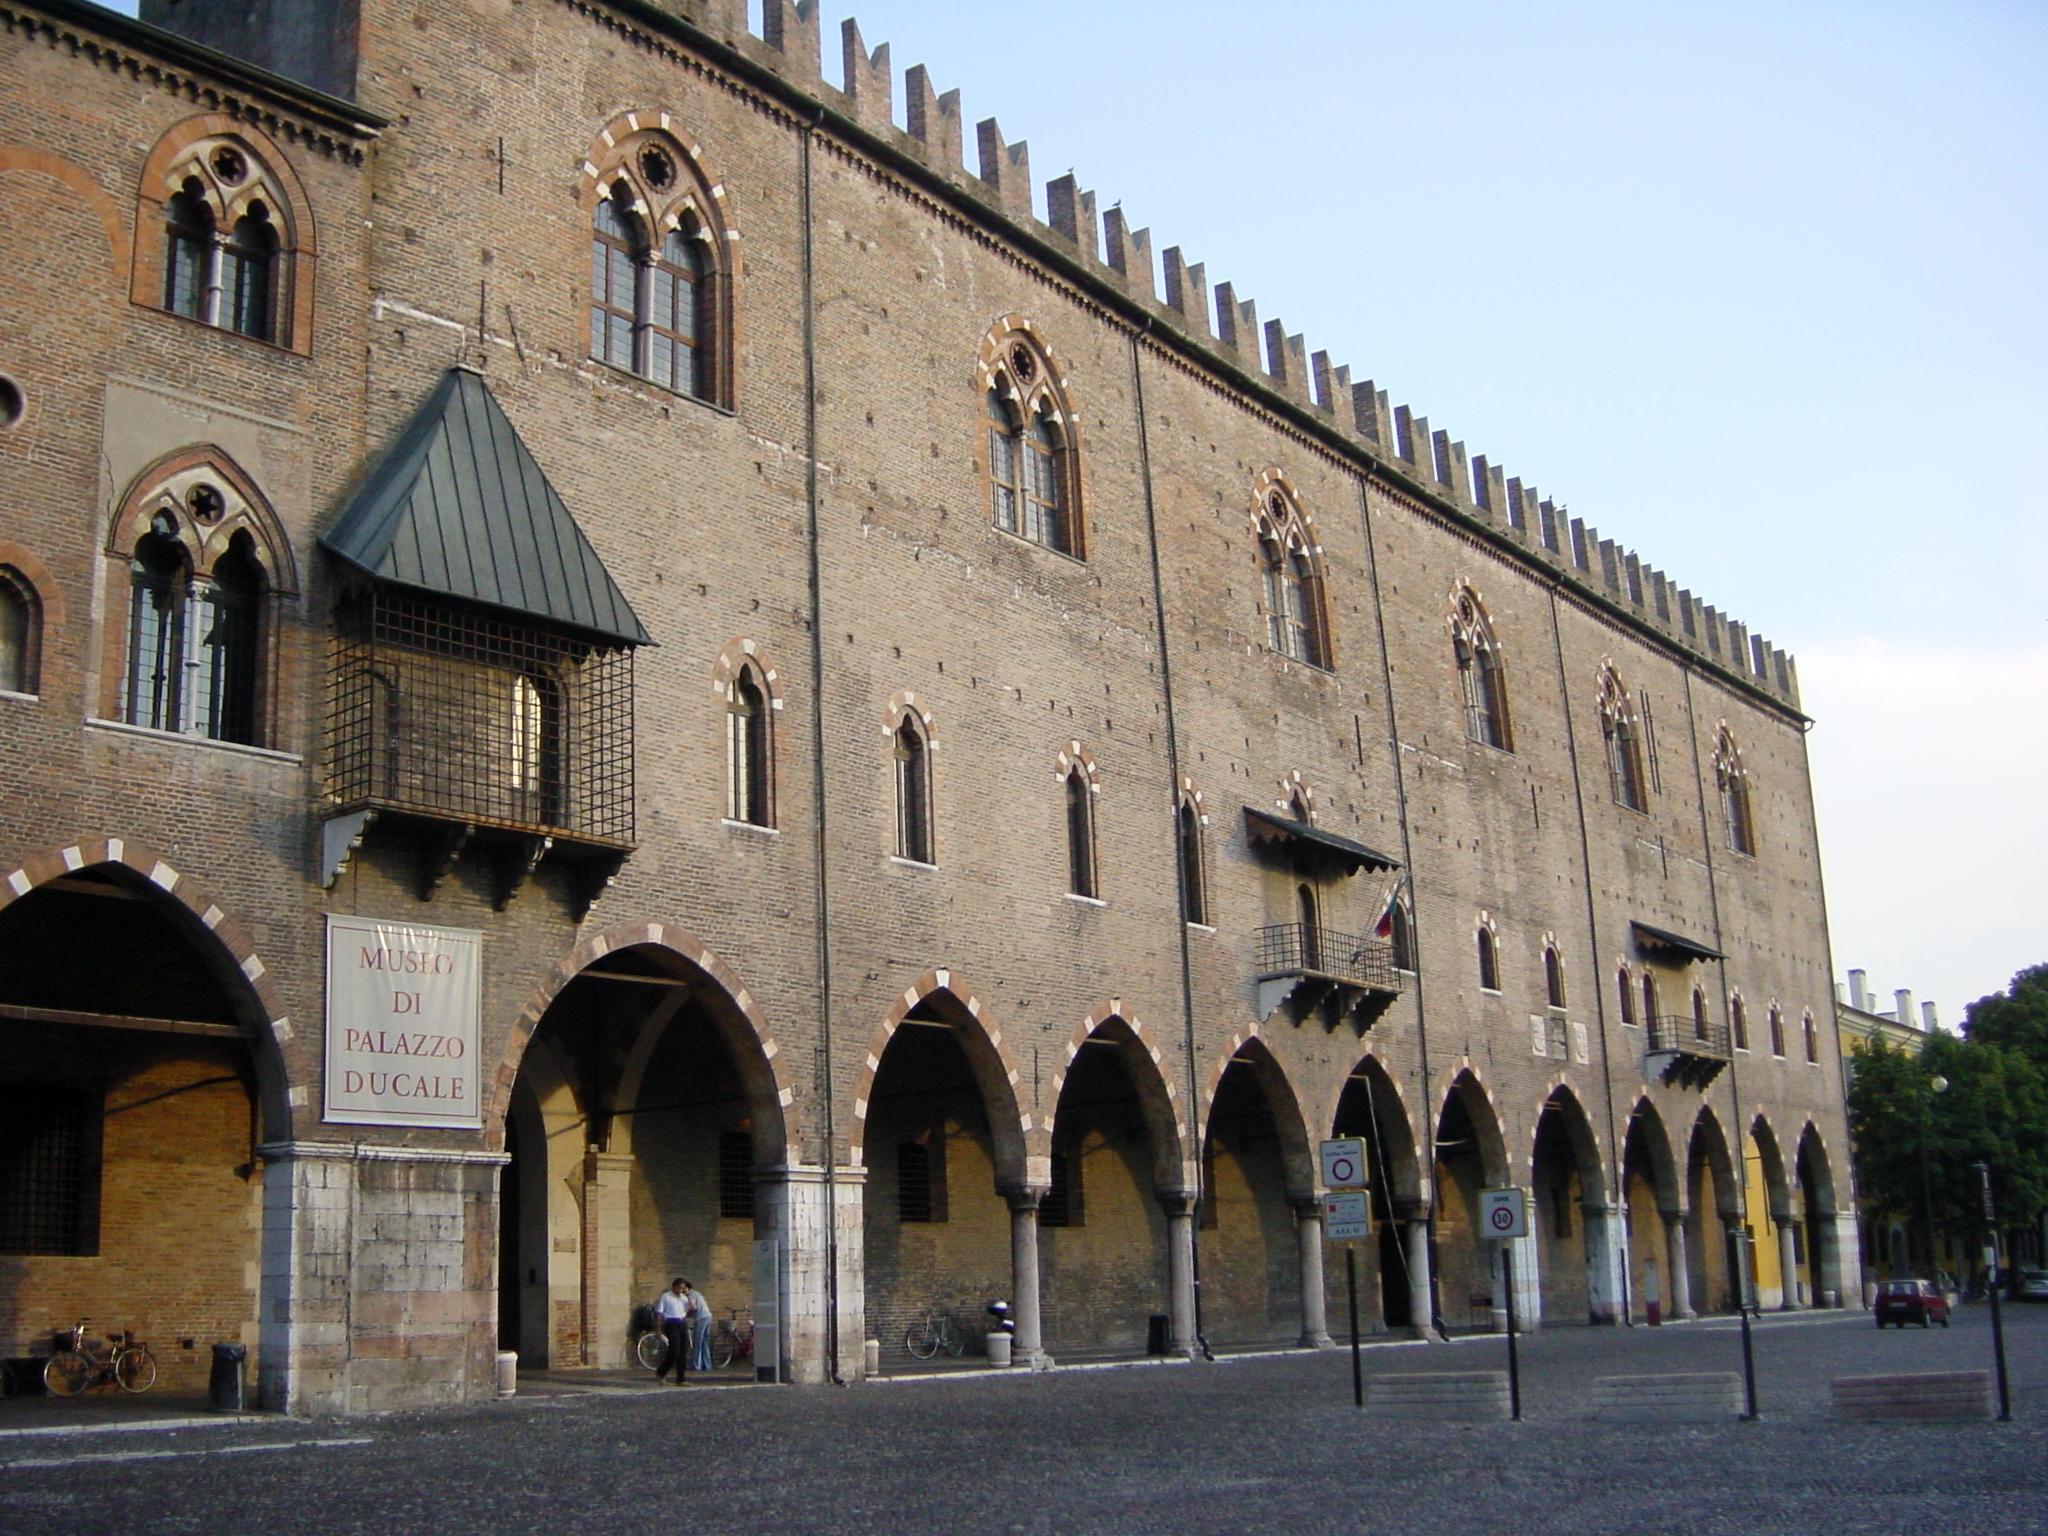 In un palazzo storico di Mantova nascono libri illustrati, mostre e visioni d'arte contemporanea. Qui ha sede la casa editrice-galleria Corraini